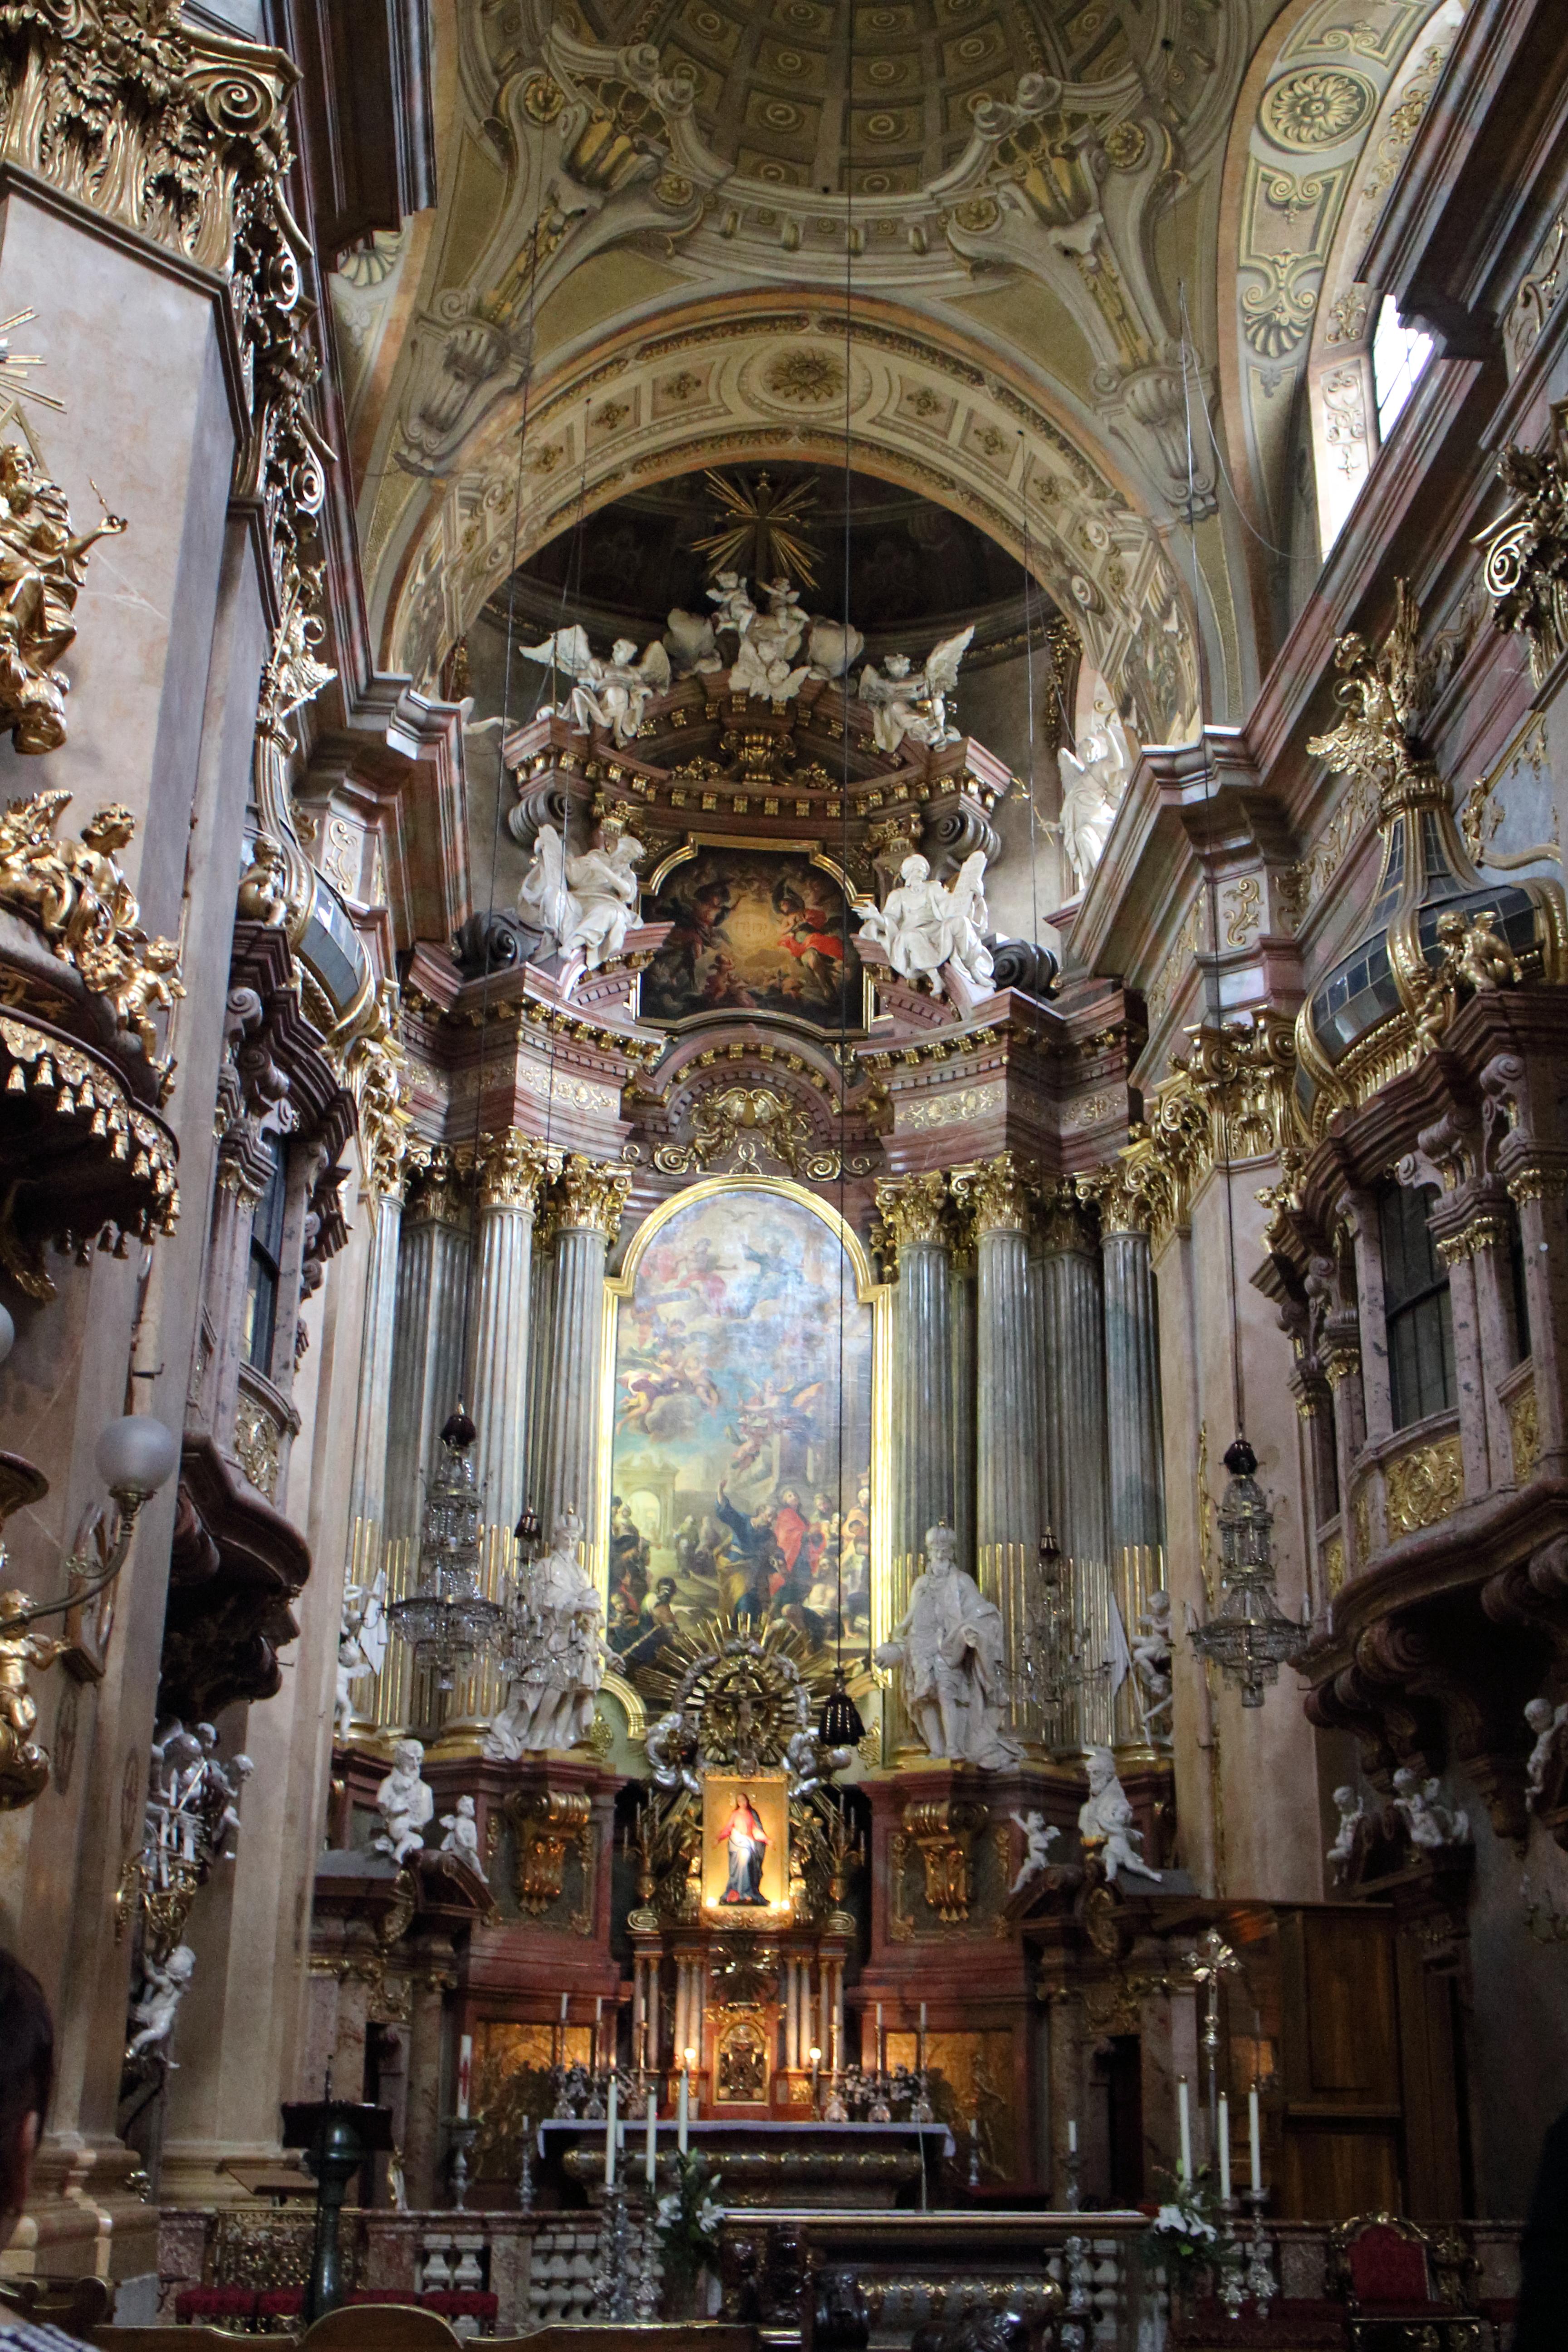 【ウィーン】グラーベン通りのペーター教会でミニコンサート&近くの有料トイレはキレイです